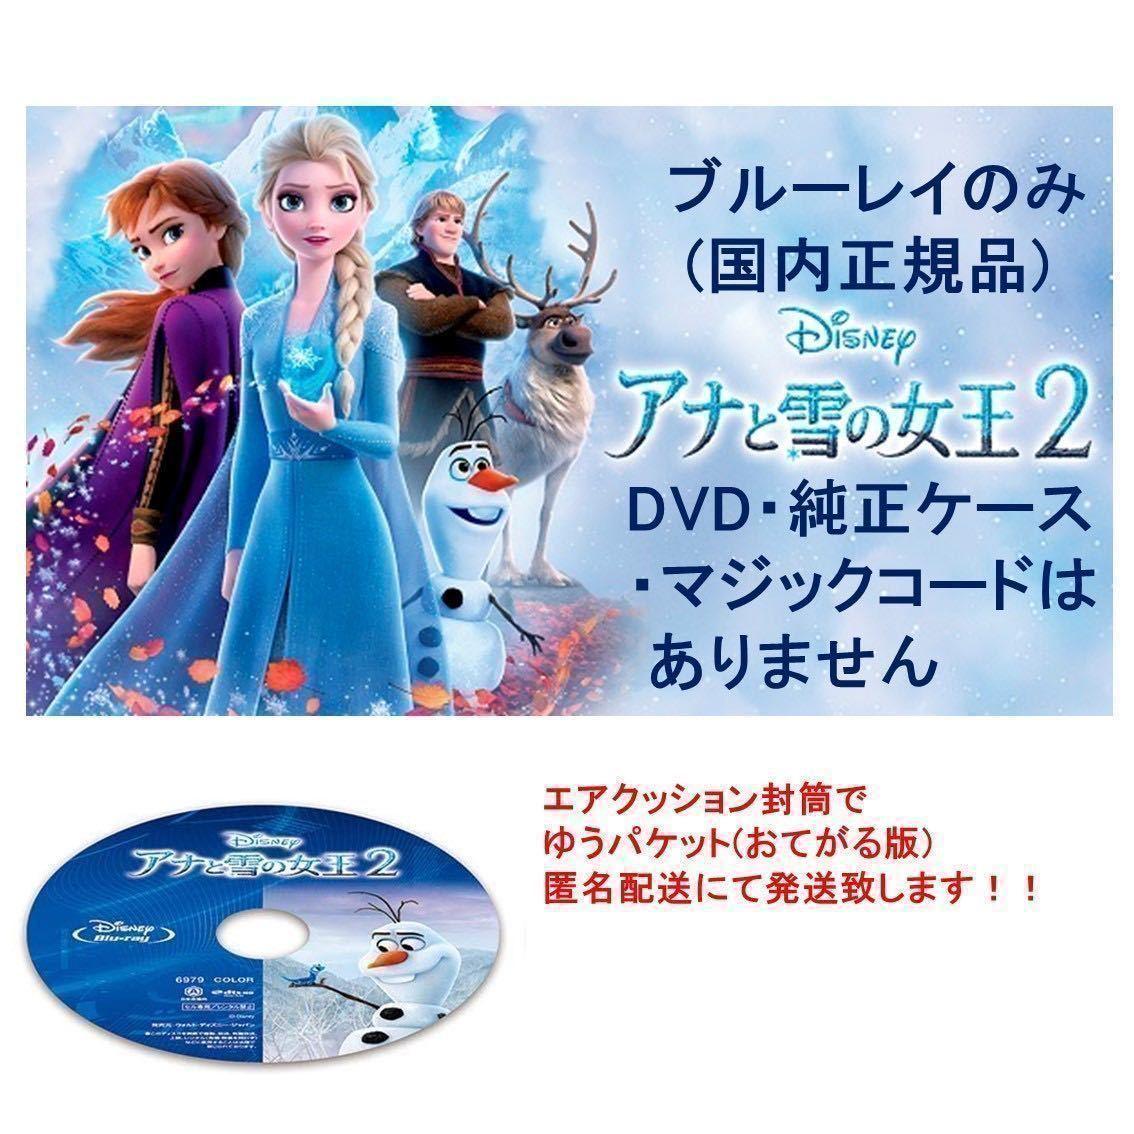 Y46 アナと雪の女王2 ブルーレイのみ 未再生品 国内正規品 同封可 ディズニー MovieNEX ブルーレイのみ(ケース・DVD・Magicコードなし)